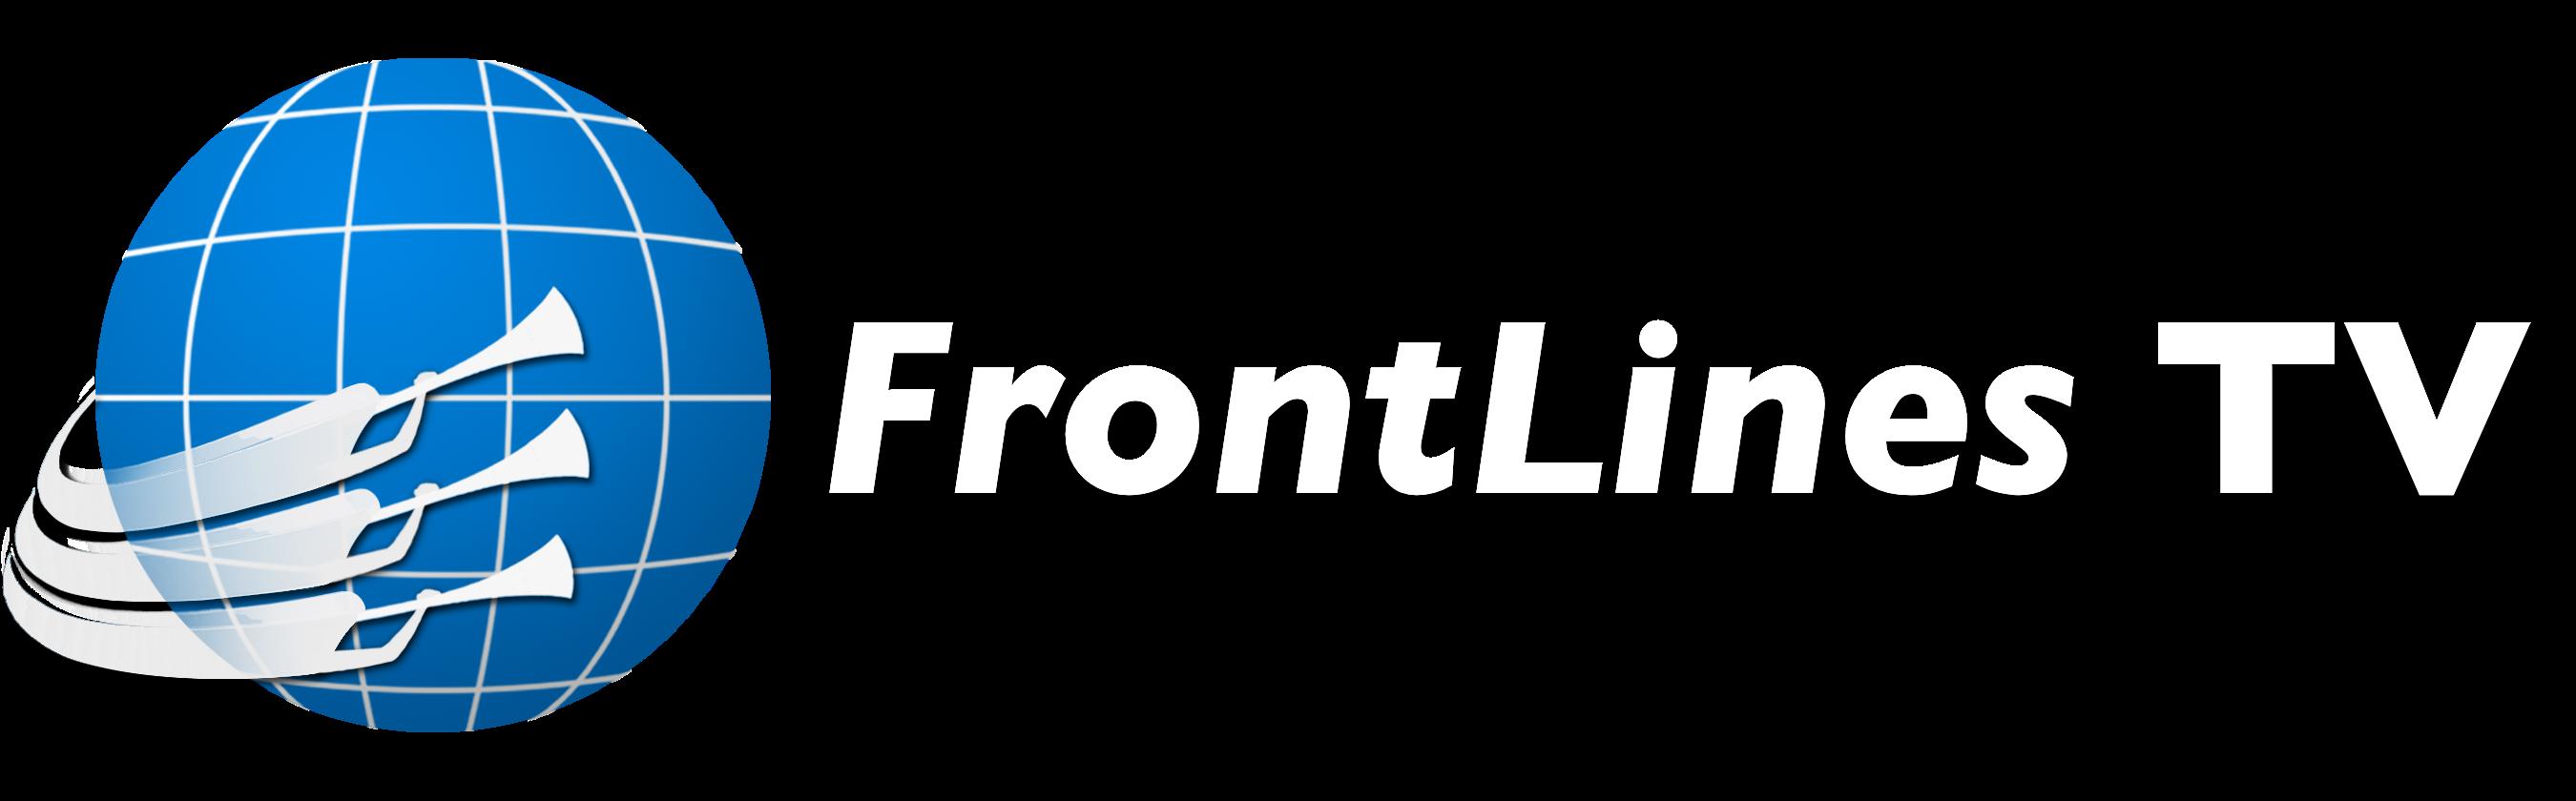 FrontLines TV